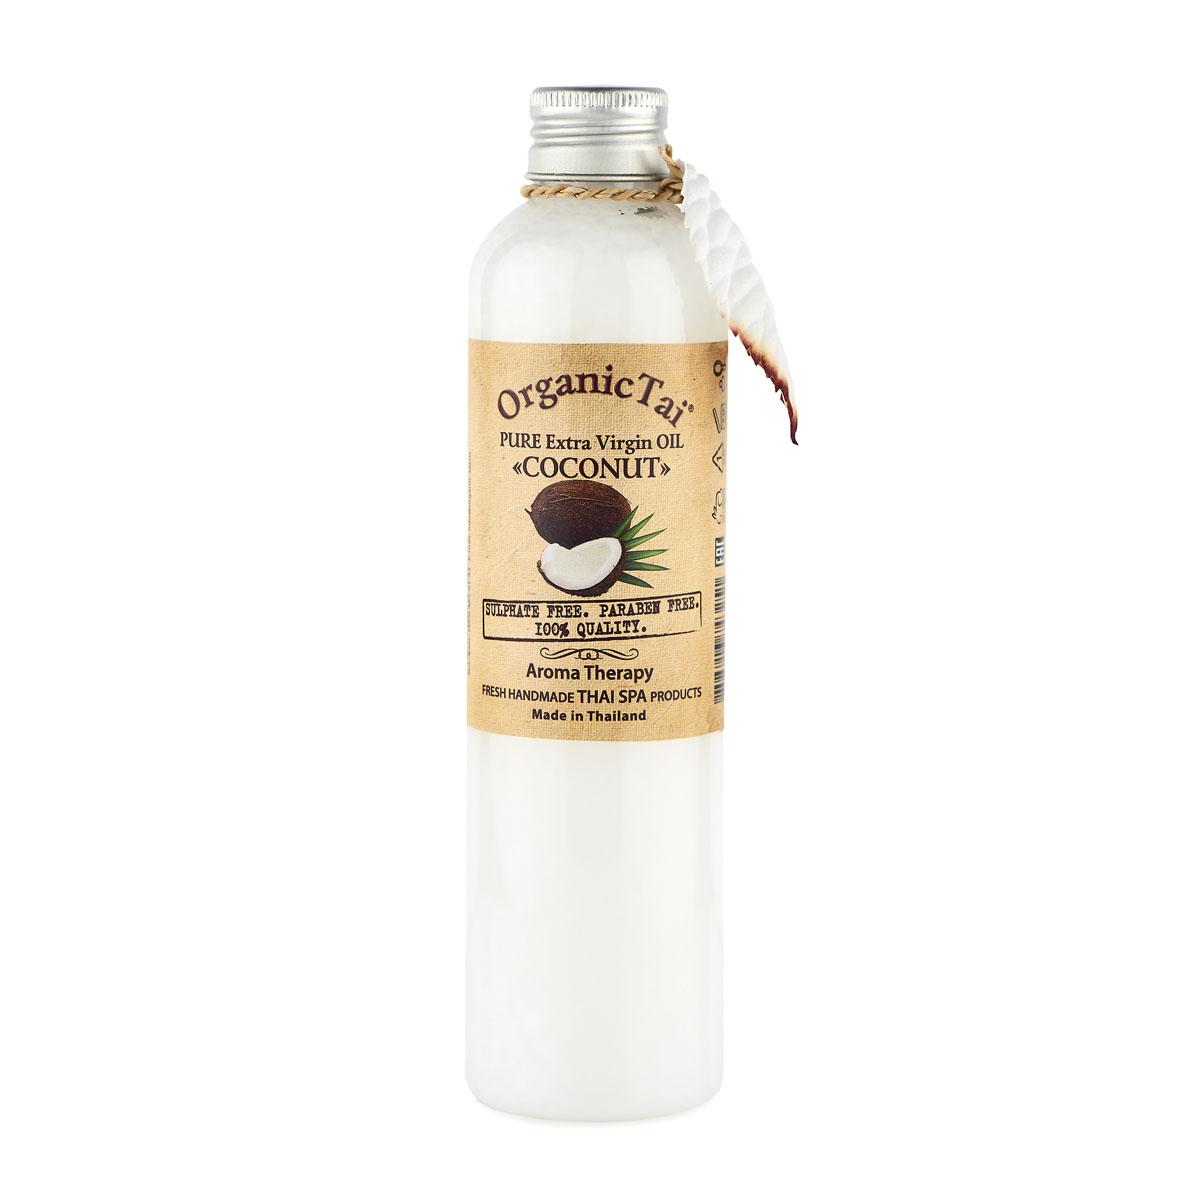 OrganicTai Чистое базовое масло КОКОСА холодного отжима, 260 мл8858816743251РУЧНАЯ РАБОТА. ТАЙСКИЙ SPA. АРОМАТЕРАПИЯ. Мастера тайского массажа применяют это масло с давних времен. Идеально подходит для основного ухода за кожей, волосами и для массажа. Волосы укрепляет и питает, придавая им естественный блеск и шелковистость. Служит отличным закрепляющим средством для окрашенных волос, является активным антиоксидантом, предотвращающим преждевременное старение кожи. КОКОСОВОЕ масло — это природный УФ-фильтр, защищает кожу и волосы от интенсивного ультрафиолетового излучения, позволяет избежать солнечных ожогов и получить равномерный красивый загар на долгое время. Массаж способствует более активному проникновению незаменимых полиненасыщенных жирных кислот КОКОСОВОГО МАСЛА в глубокие слои кожи, усиливая его питательные, защитные и омолаживающие свойства. Регулярное применение этого масла с легким приятным тропическим ароматом свежеразломленного кокоса подарит Вашей коже сияние молодостью и красотой. AromaTherapy FRESH HANDMADE THAI SPA PRODUCTS. SULPHATE FREE....